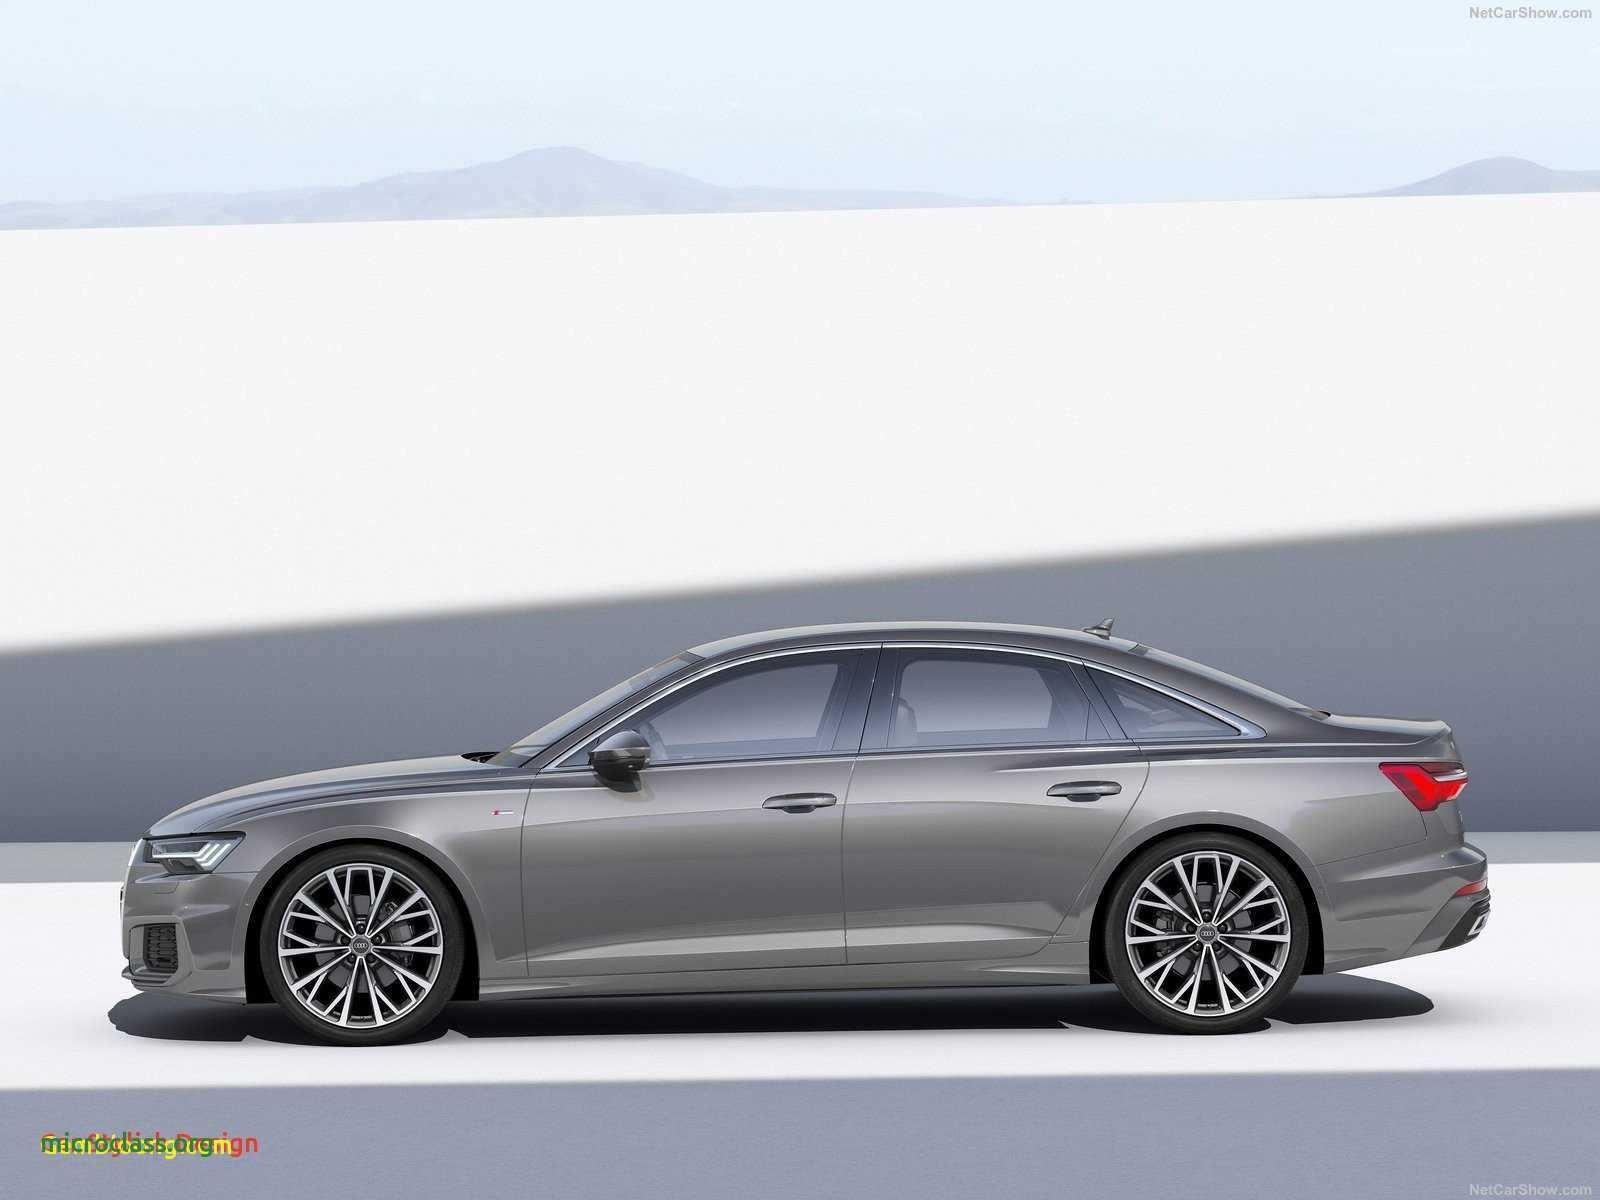 77 New 2020 Audi S5 Sportback Model for 2020 Audi S5 Sportback